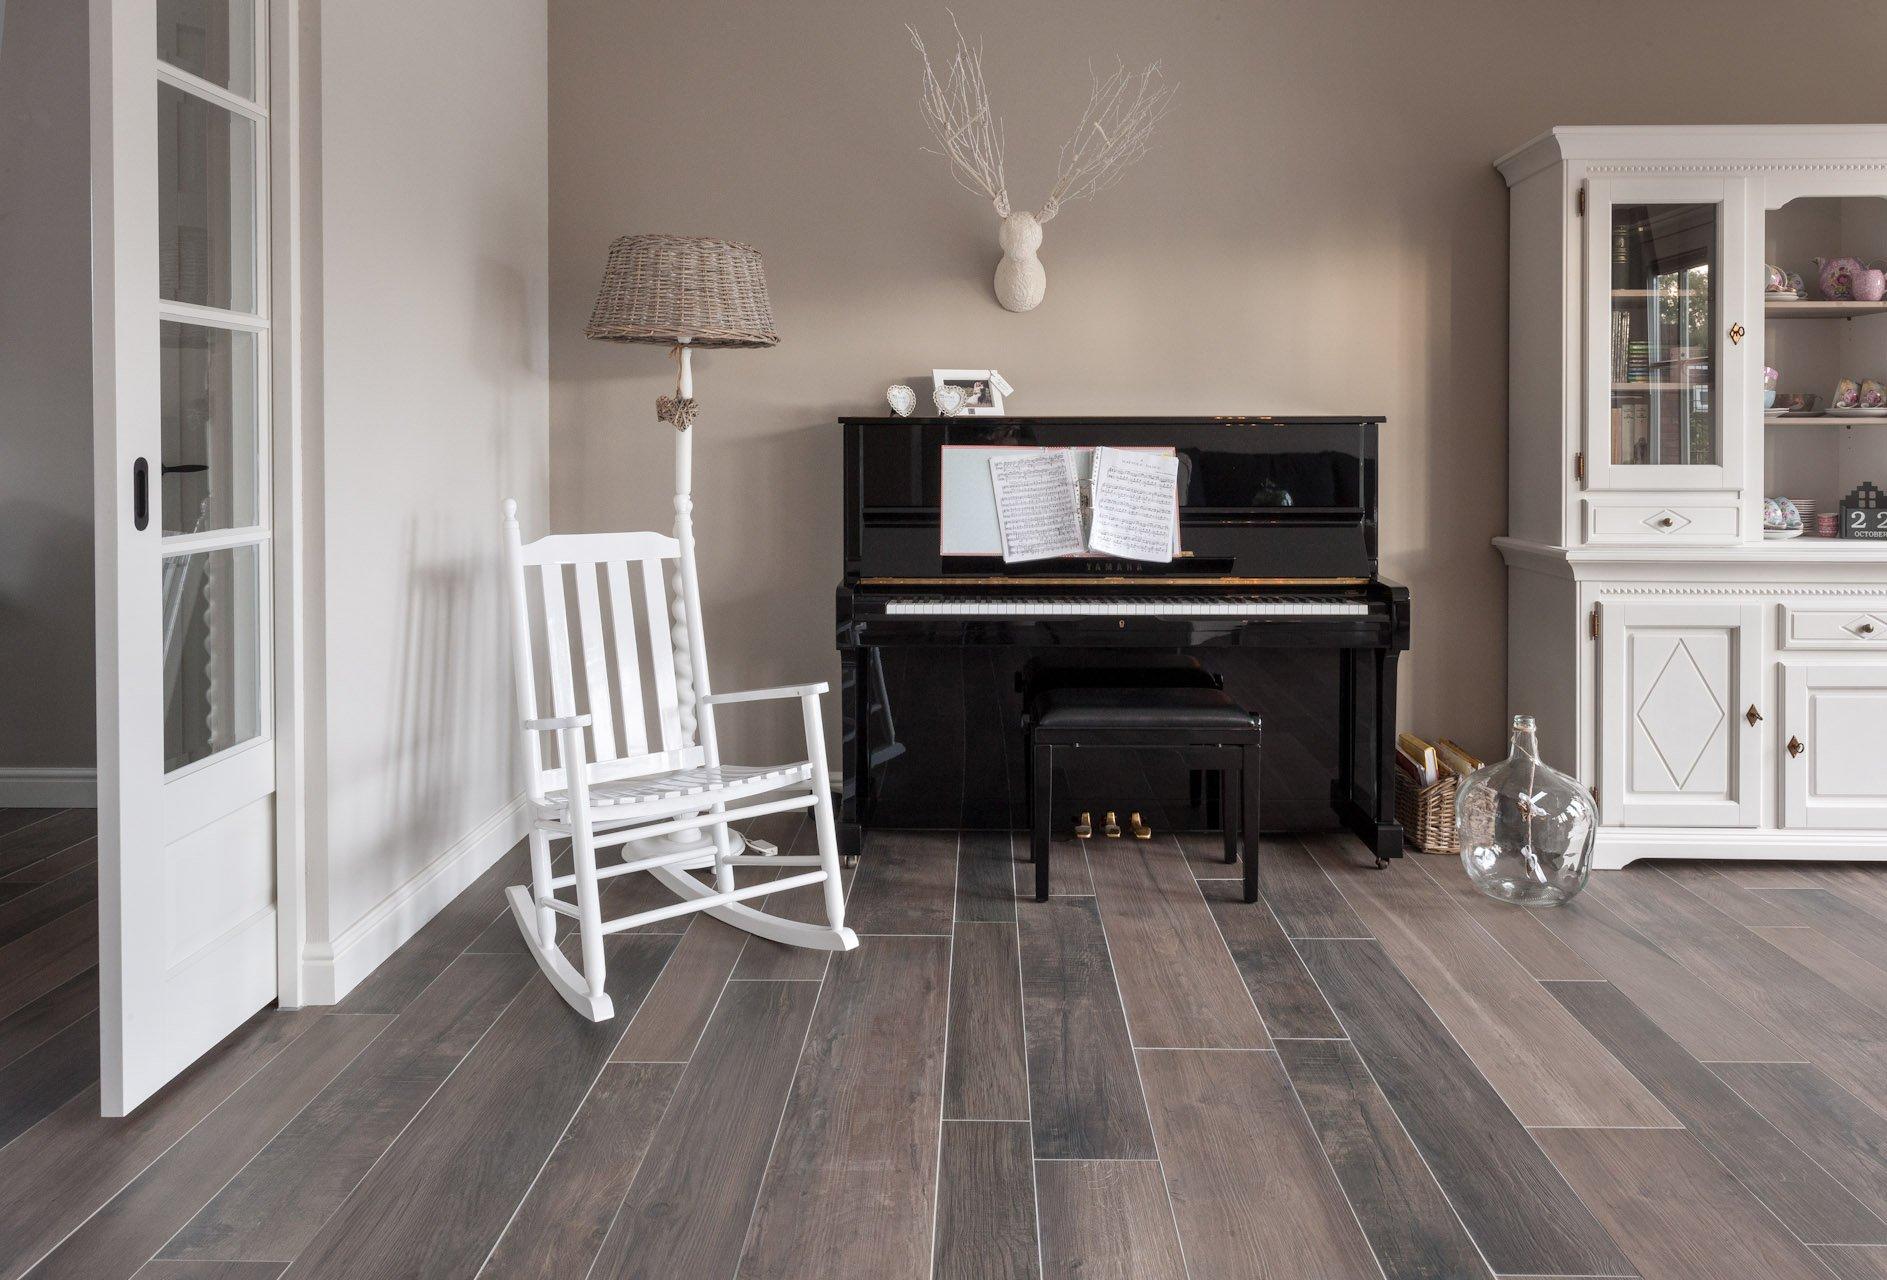 Houtlook tegels in woonkamer zwart wit geblokte vloer in hal Woonkamer tegels